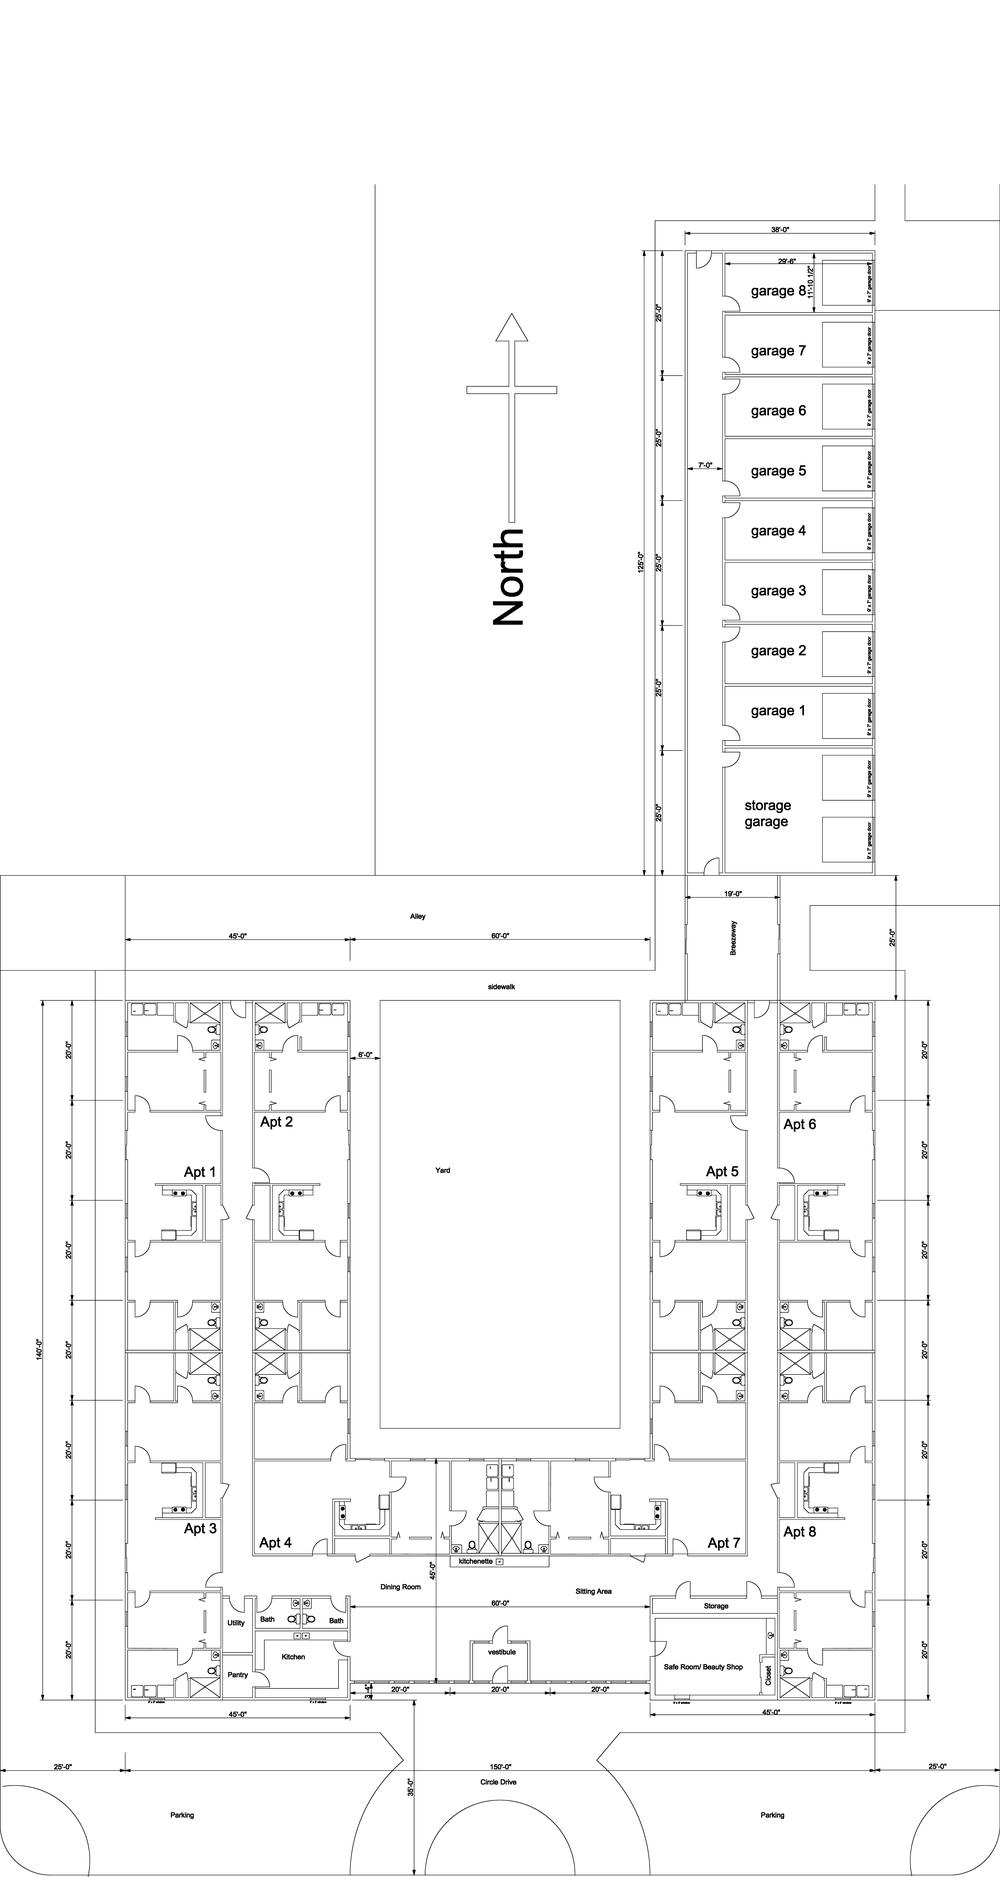 Floorplan of Stockton Estates, Stockton Kansas